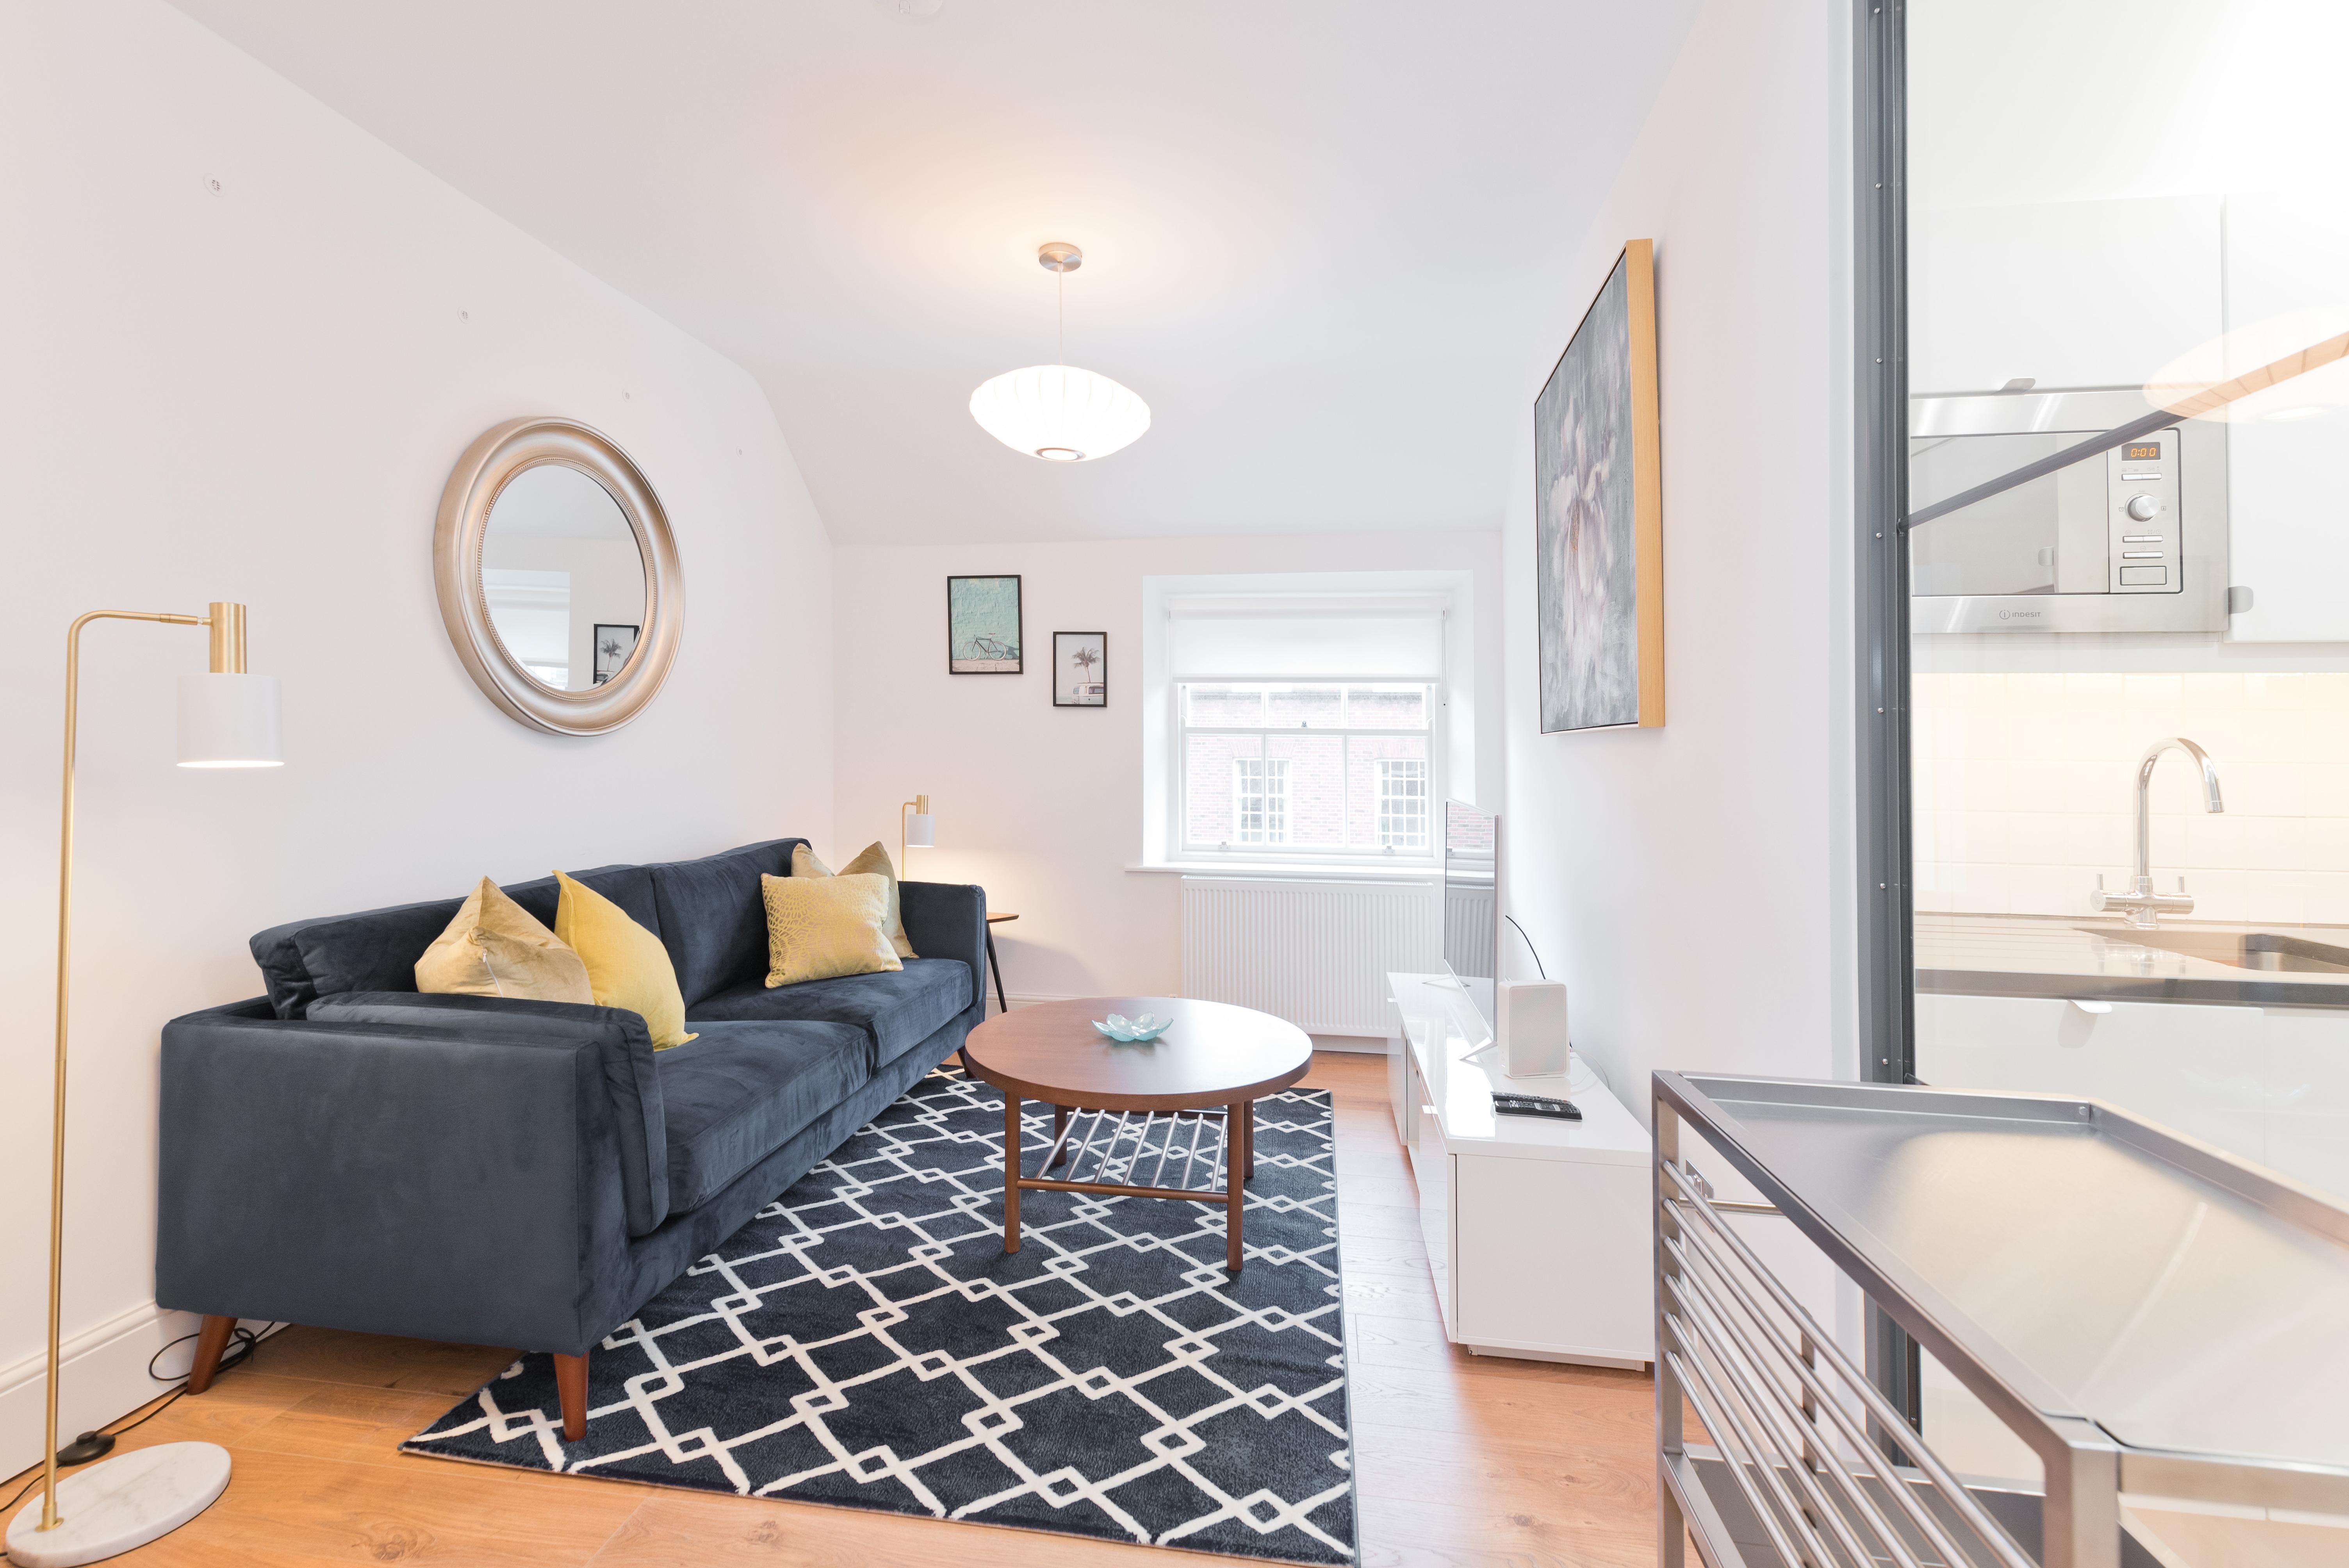 Apartment 7, 31 Merrion Square, Dublin 2